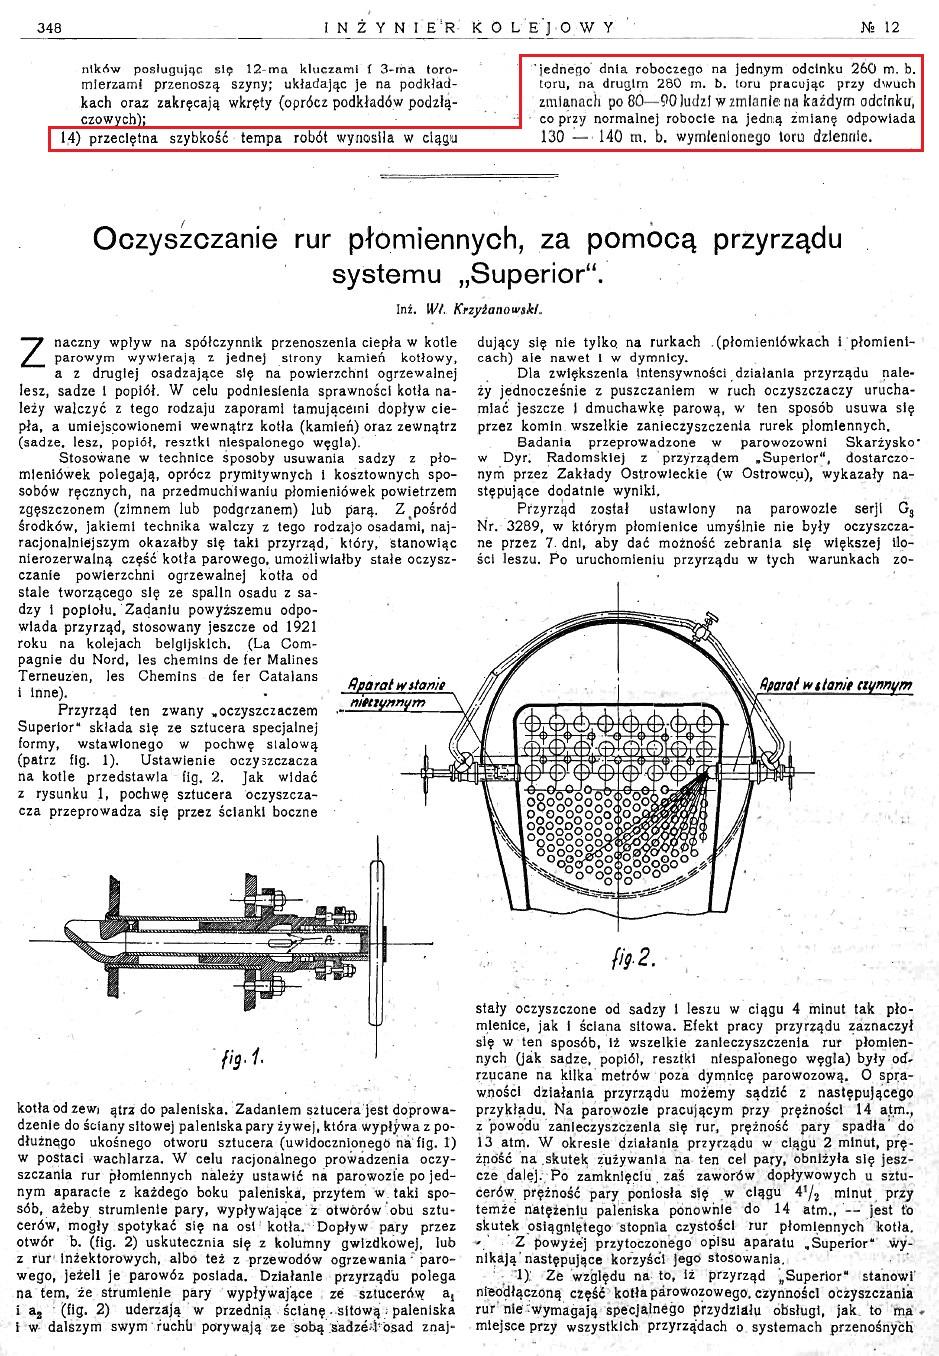 Inż. Kolejowy nr 28 (12-1926) str. 348.jpg